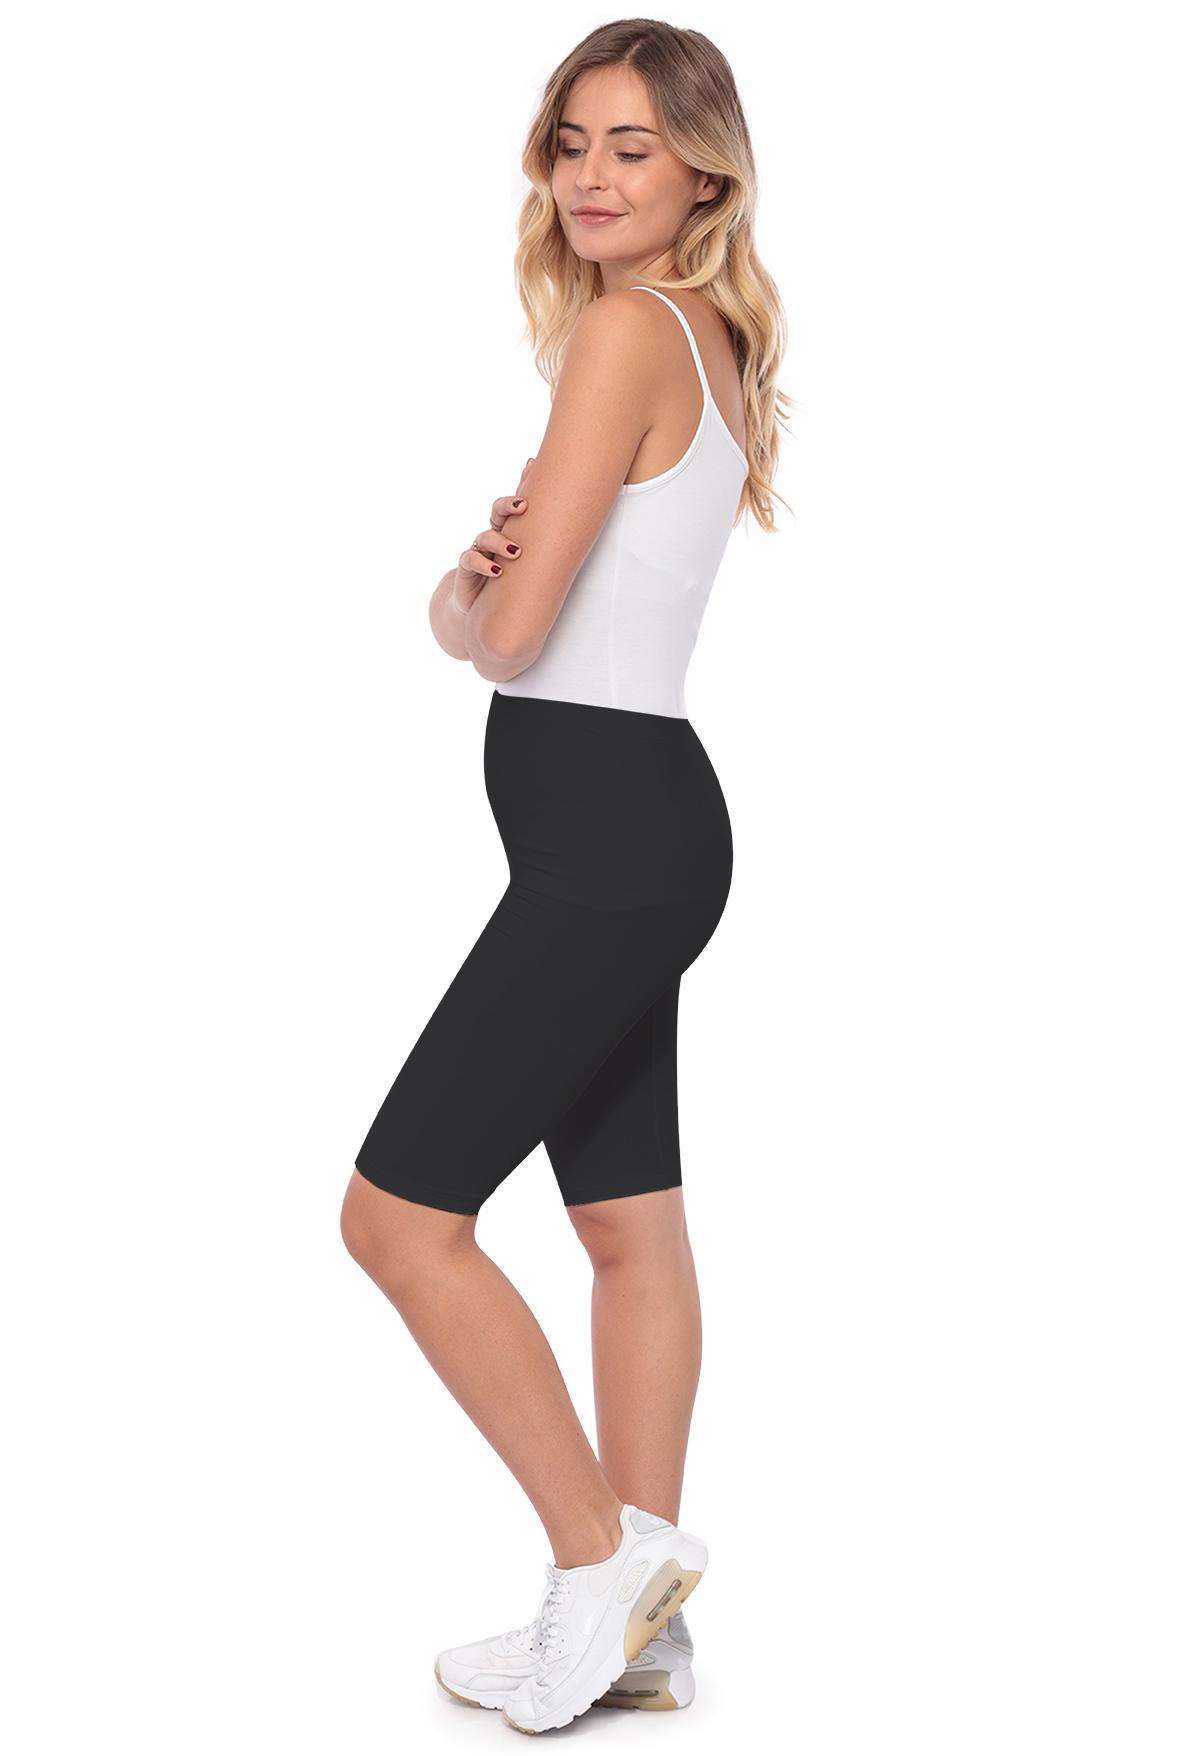 rendez vous paris rendez vous paris pantalons jupes calecons pantalons jupes. Black Bedroom Furniture Sets. Home Design Ideas